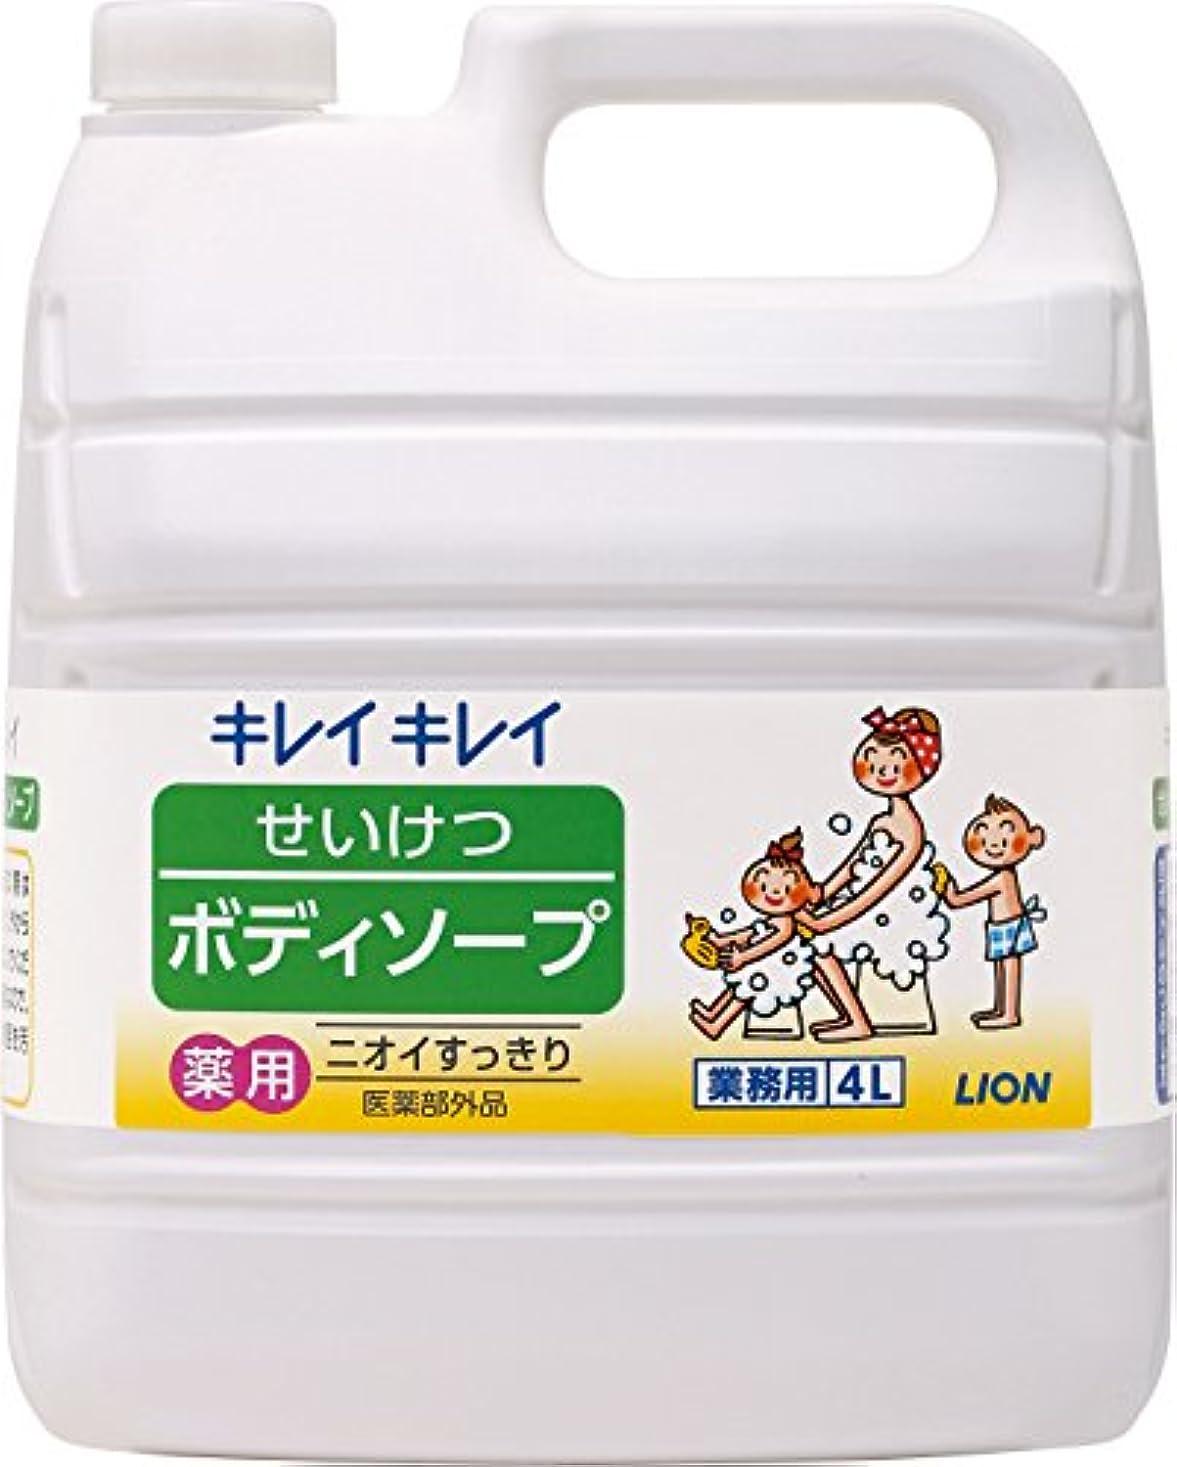 かび臭い接触インシデント【業務用 大容量】キレイキレイ せいけつボディソープ さわやかなレモン&オレンジの香り 4L(医薬部外品)